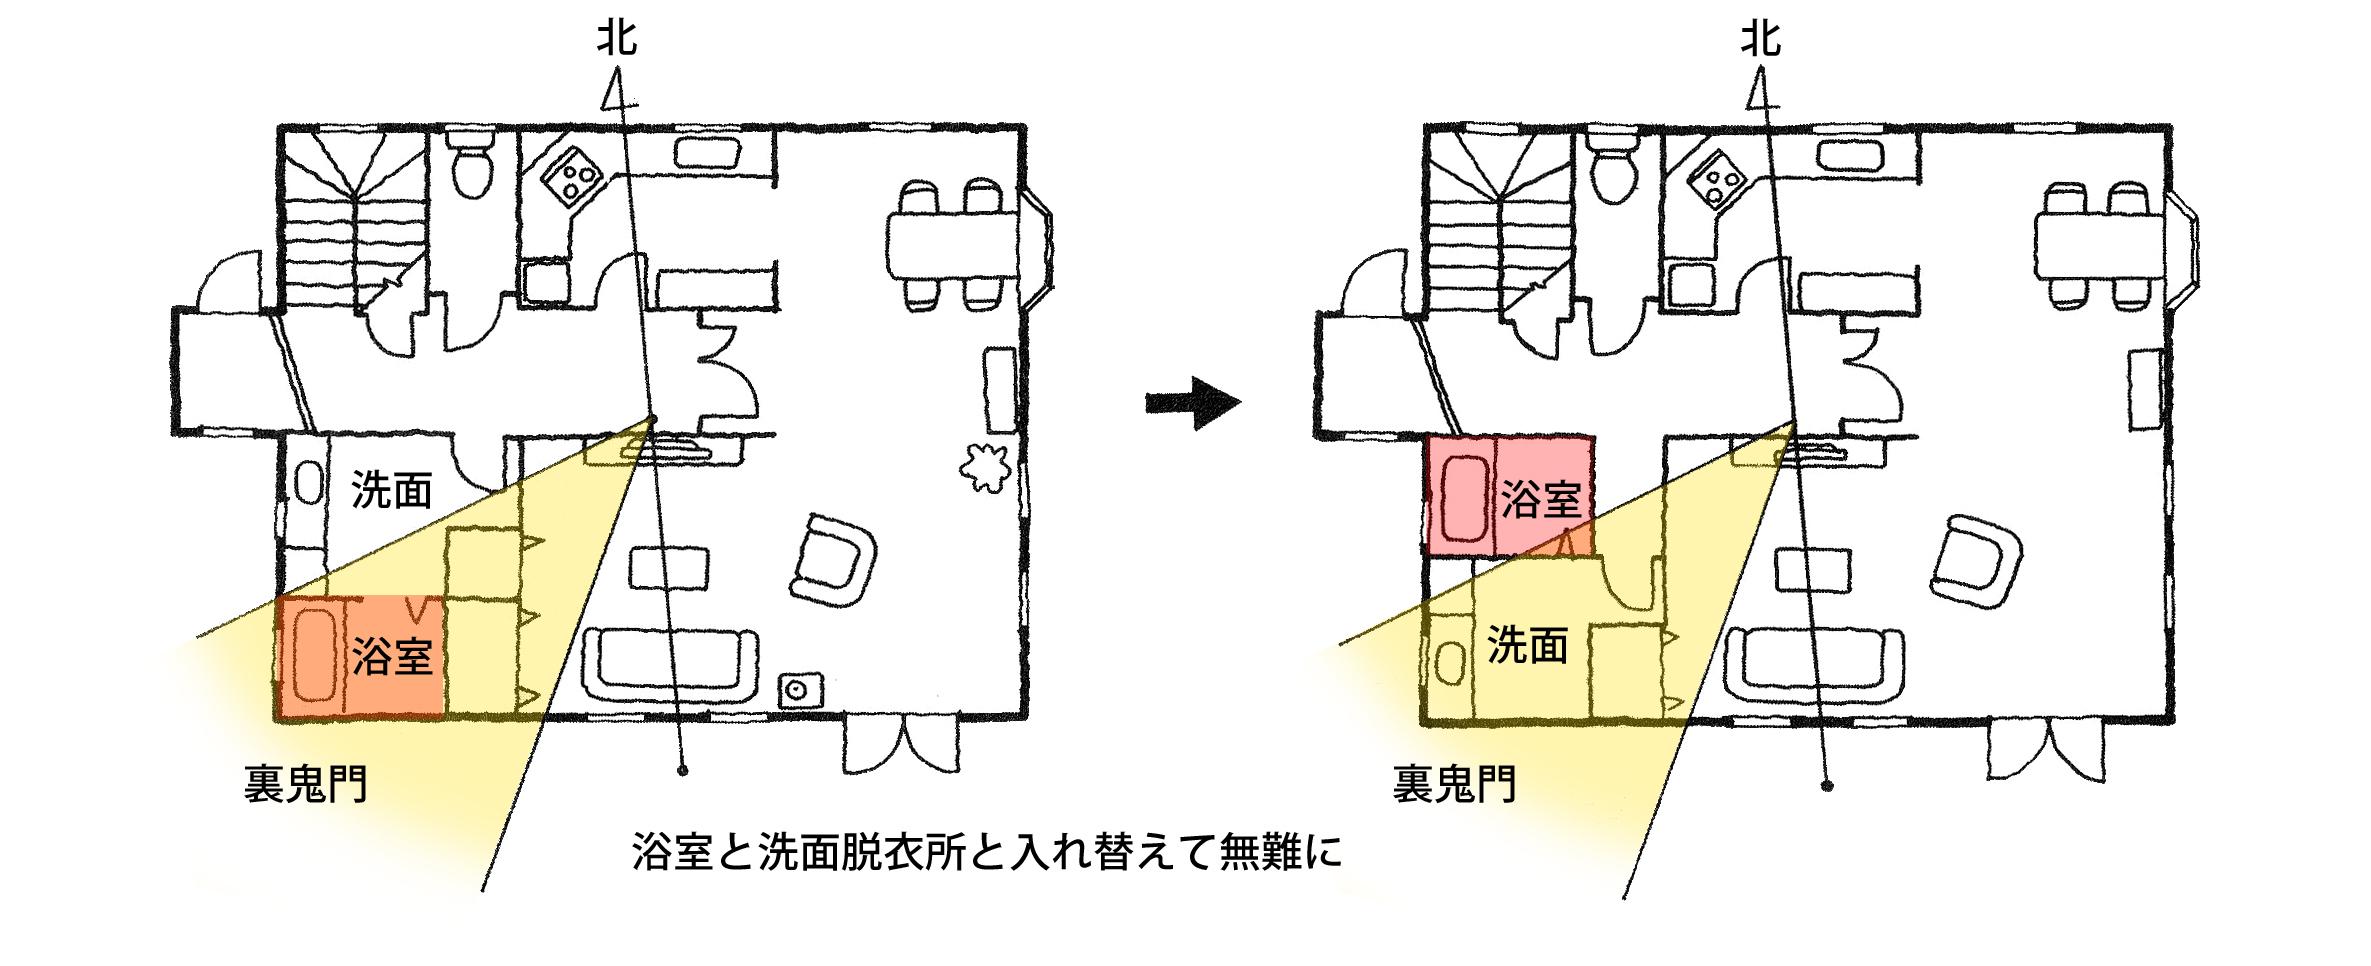 【家相リフォームのススメ―10】浴室編①<br/>浴室が鬼門方位に設置されていると凶相。洗面脱衣室と交換するだけで無難に。